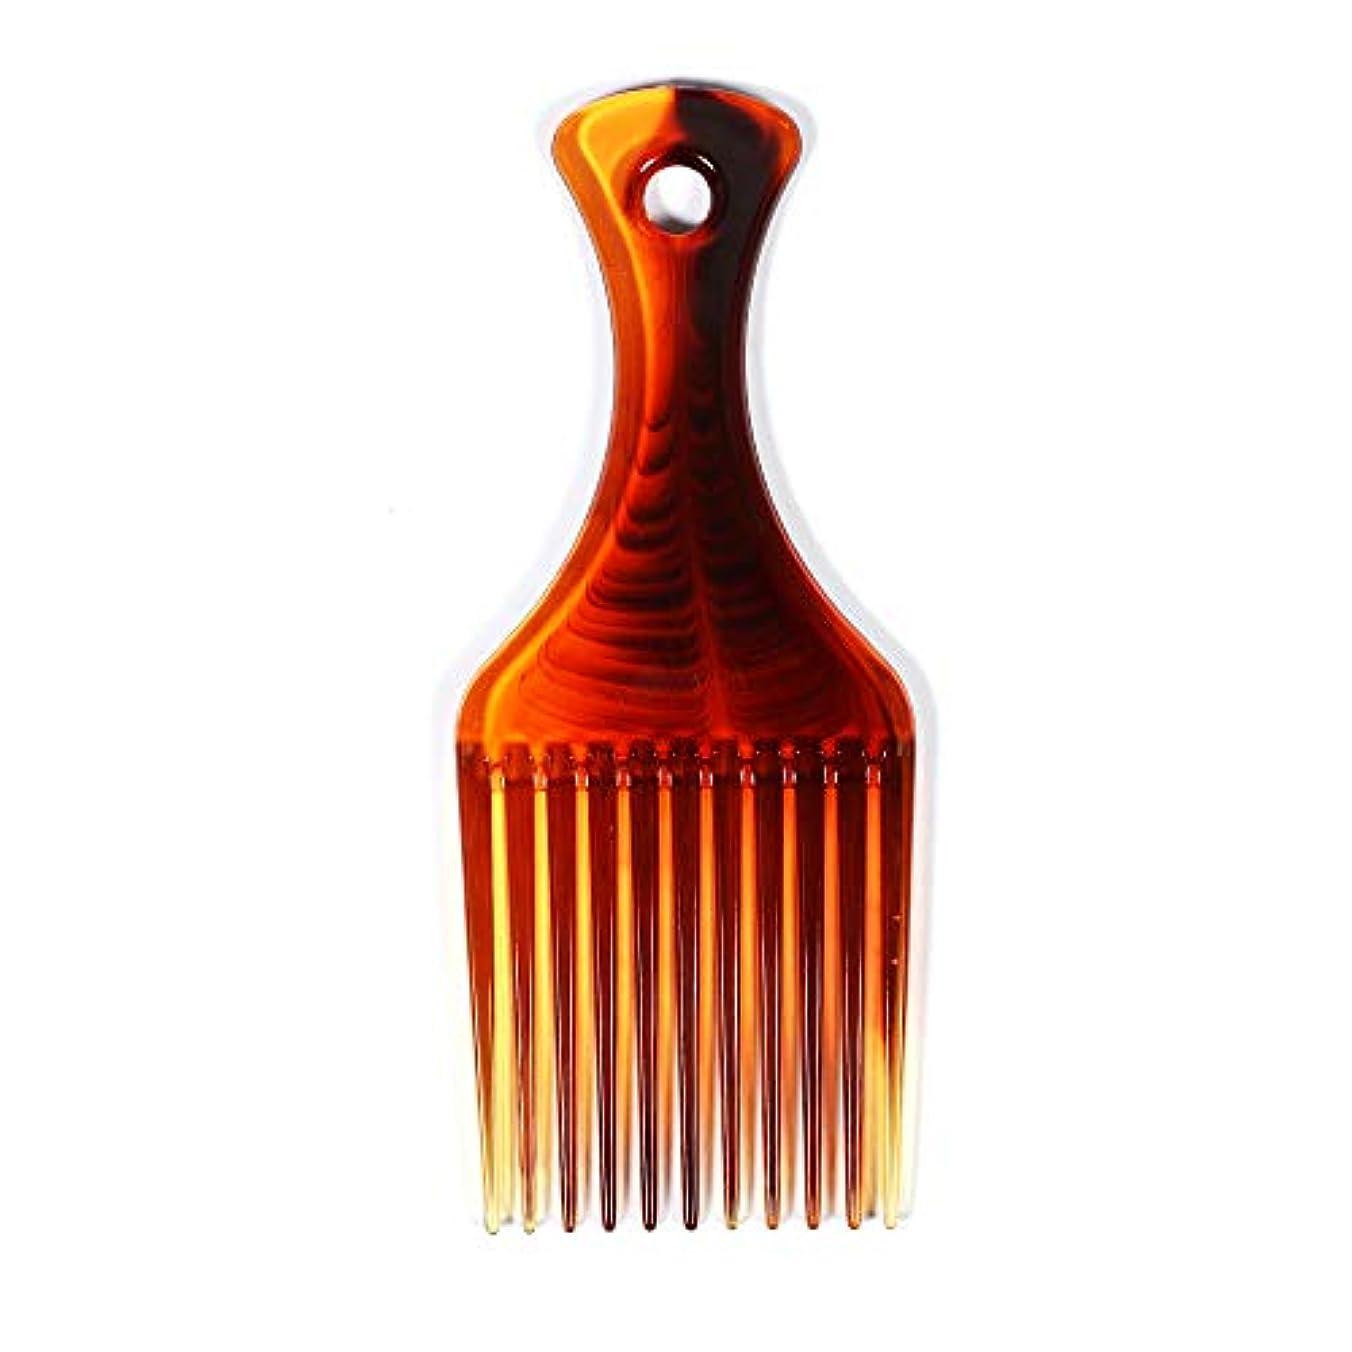 横向きラフト価値のないSODIAL 髪用櫛 髪のフォークコーム 理髪カーリーヘアブラシ、櫛を挿入して ヘアブラシ 男性と女性のためスタイリングツール